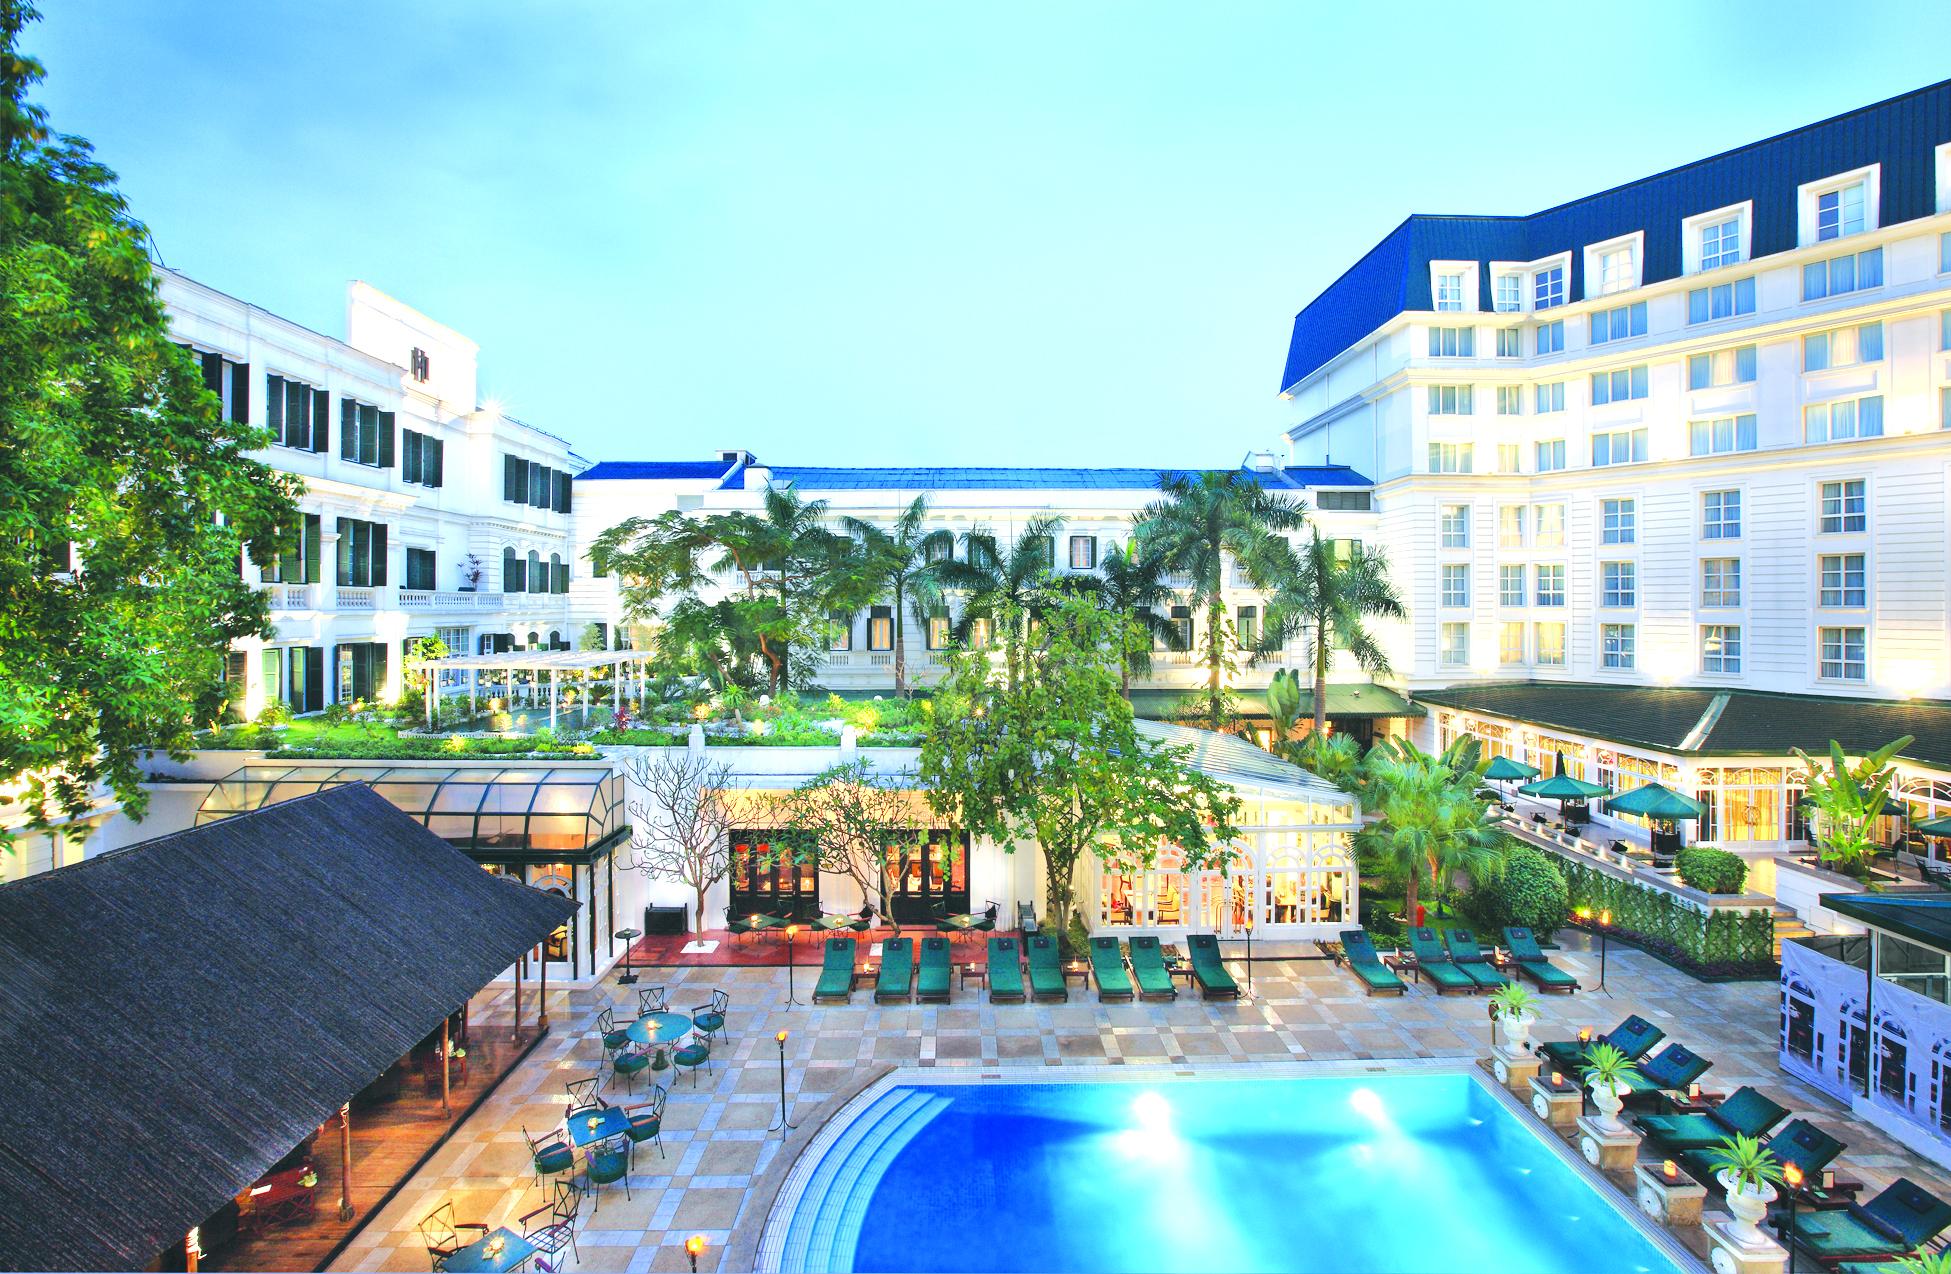 Khách sạn Metropole, Hà Nội